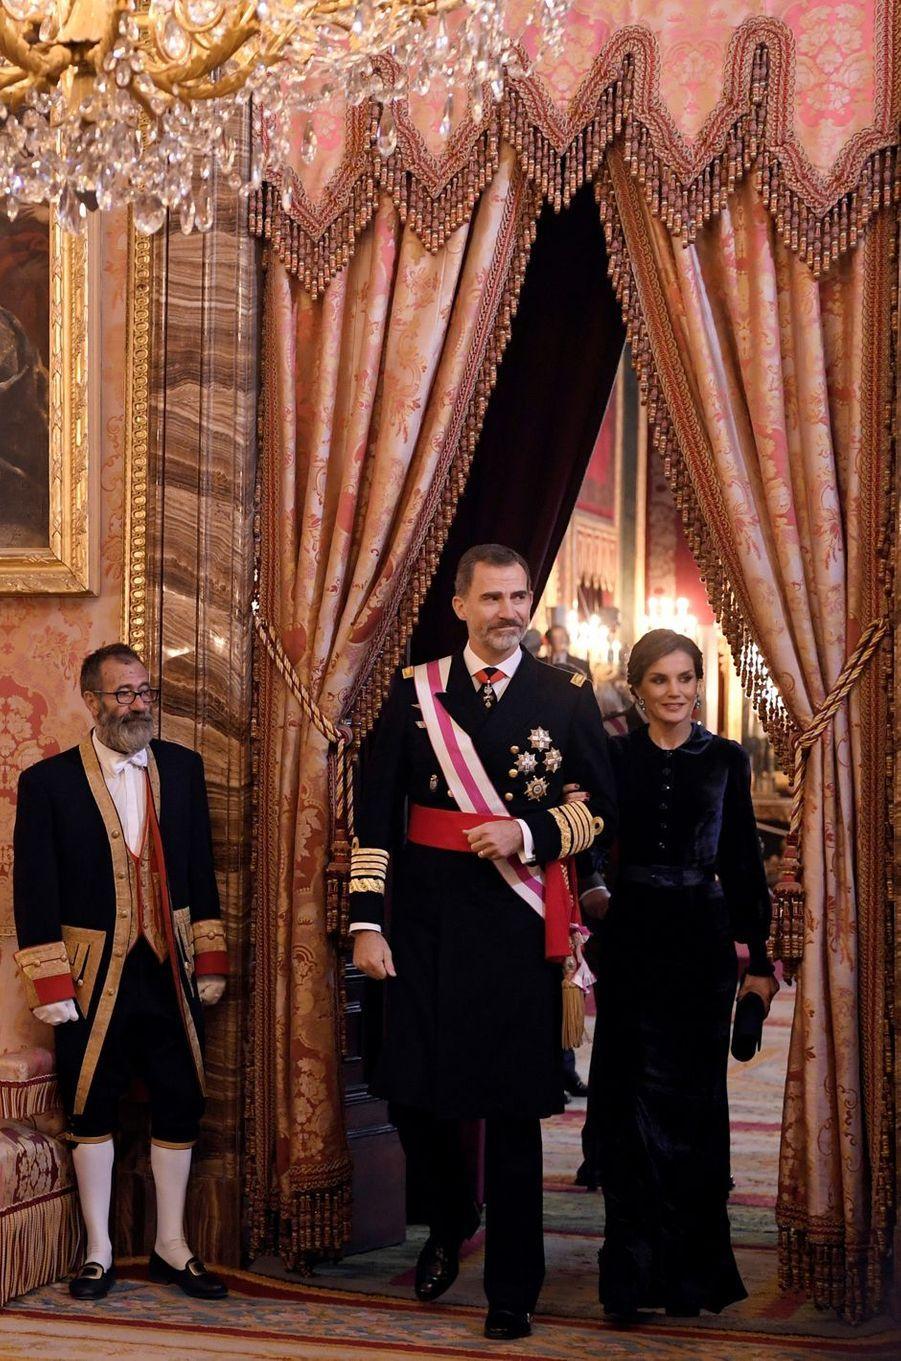 La reine Letizia et le roi Felipe VI d'Espagne à Madrid, le 6 janvier 2018